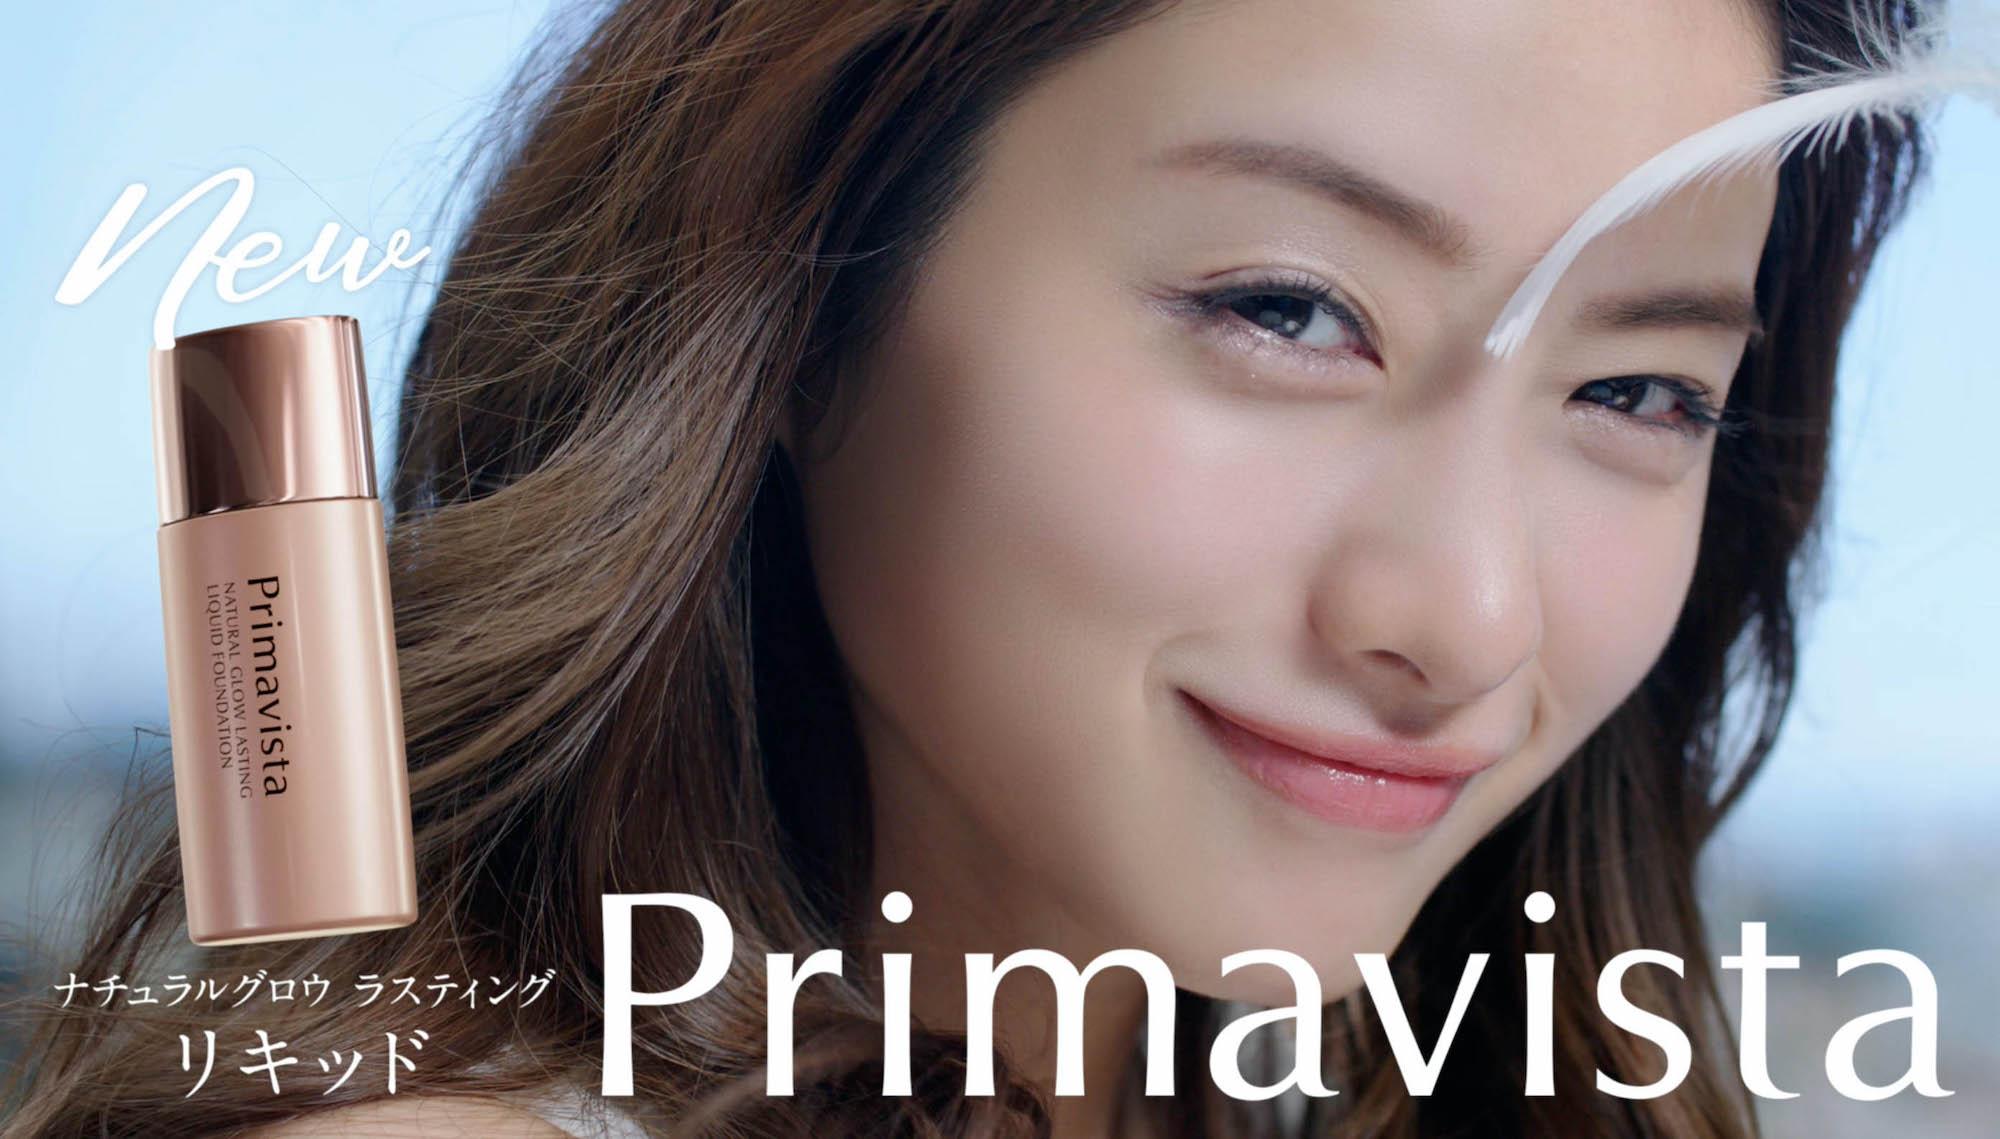 石原さとみ/花王プリマヴィスタ 最新リキッド CM. 女優、モデル